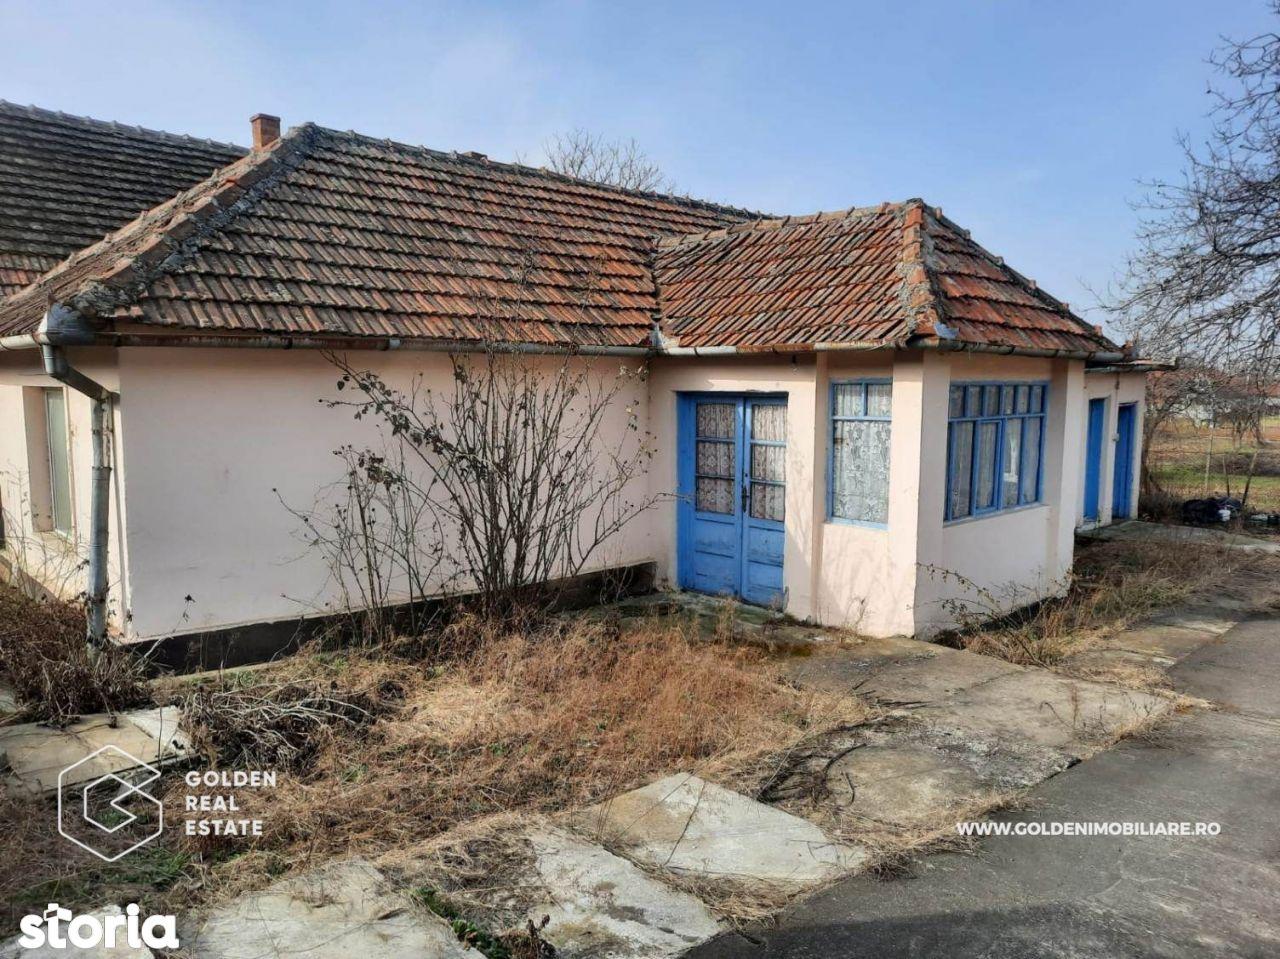 Casa din caramida, 3 camere, la poalele dealului, localitatea Cuvin